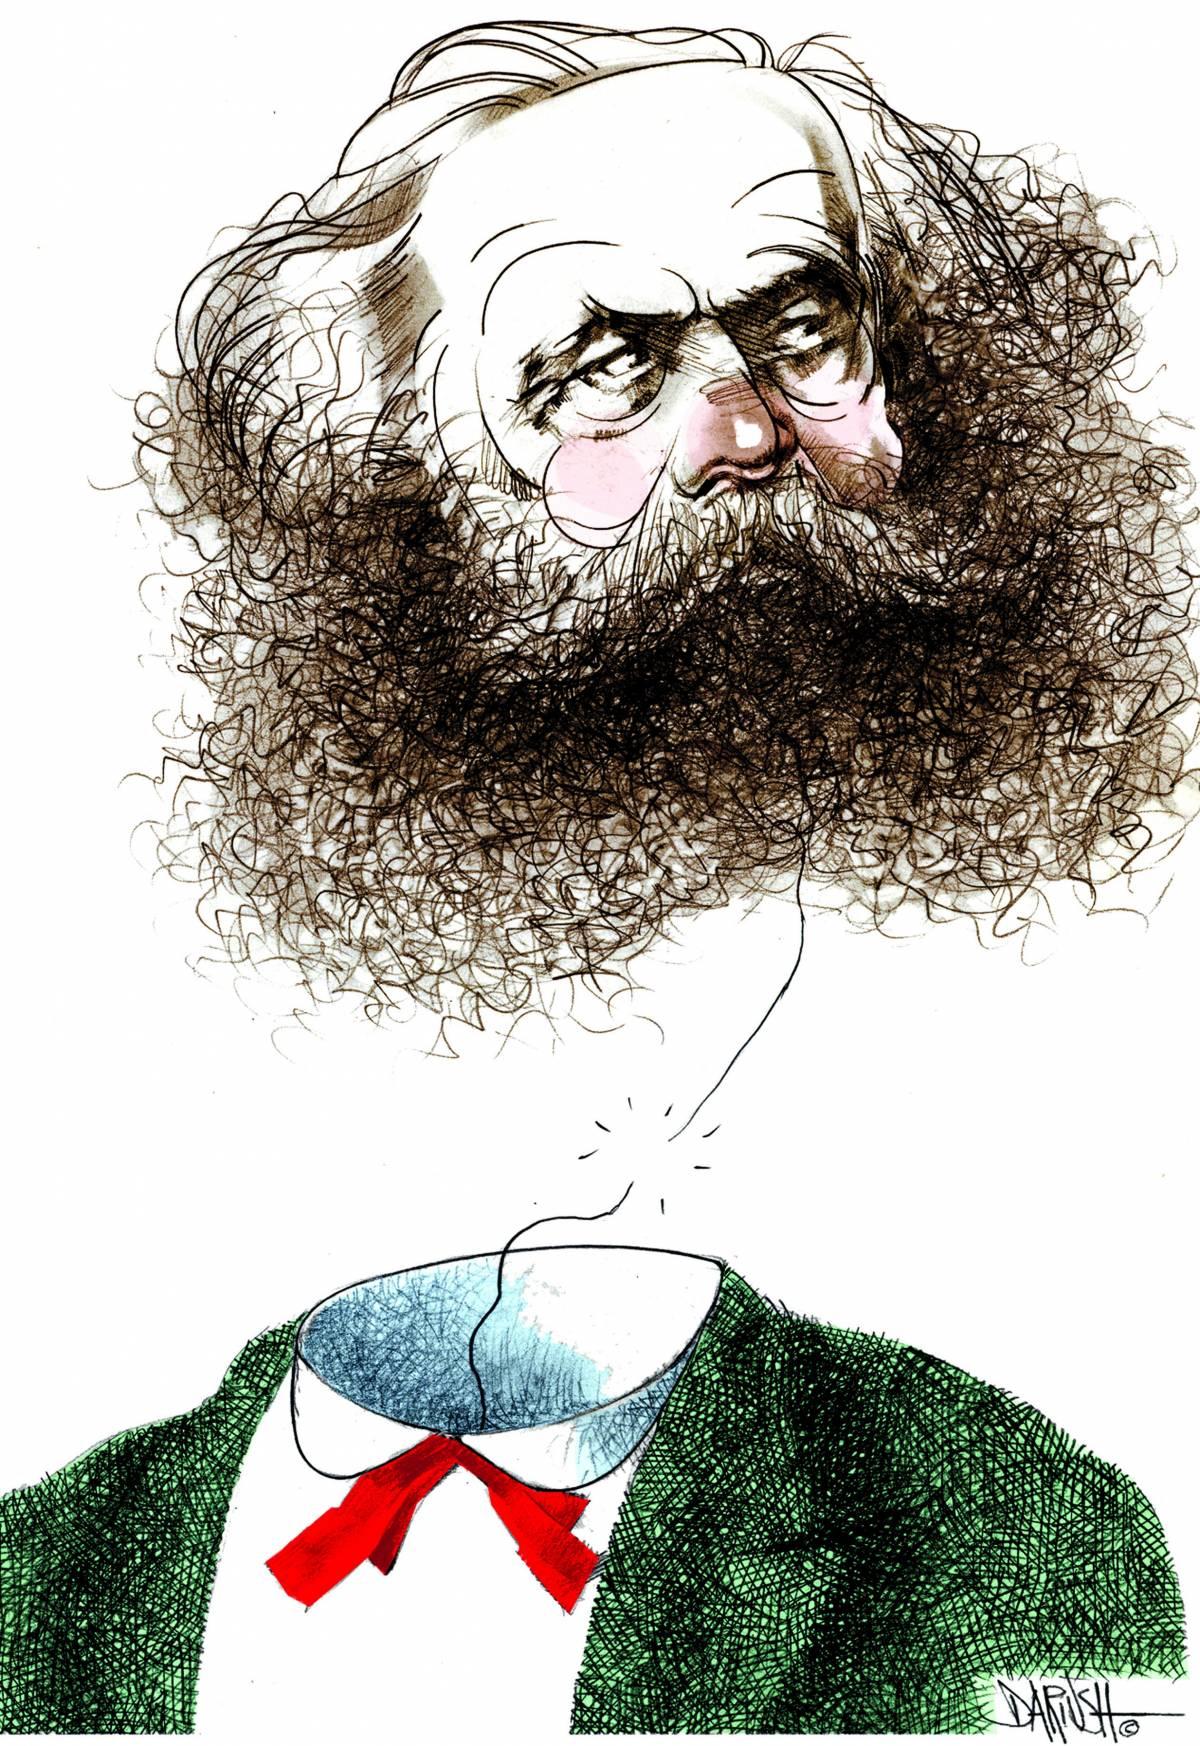 Alla fine ha vinto Marx Siamo tutti uguali: individualisti e nichilisti